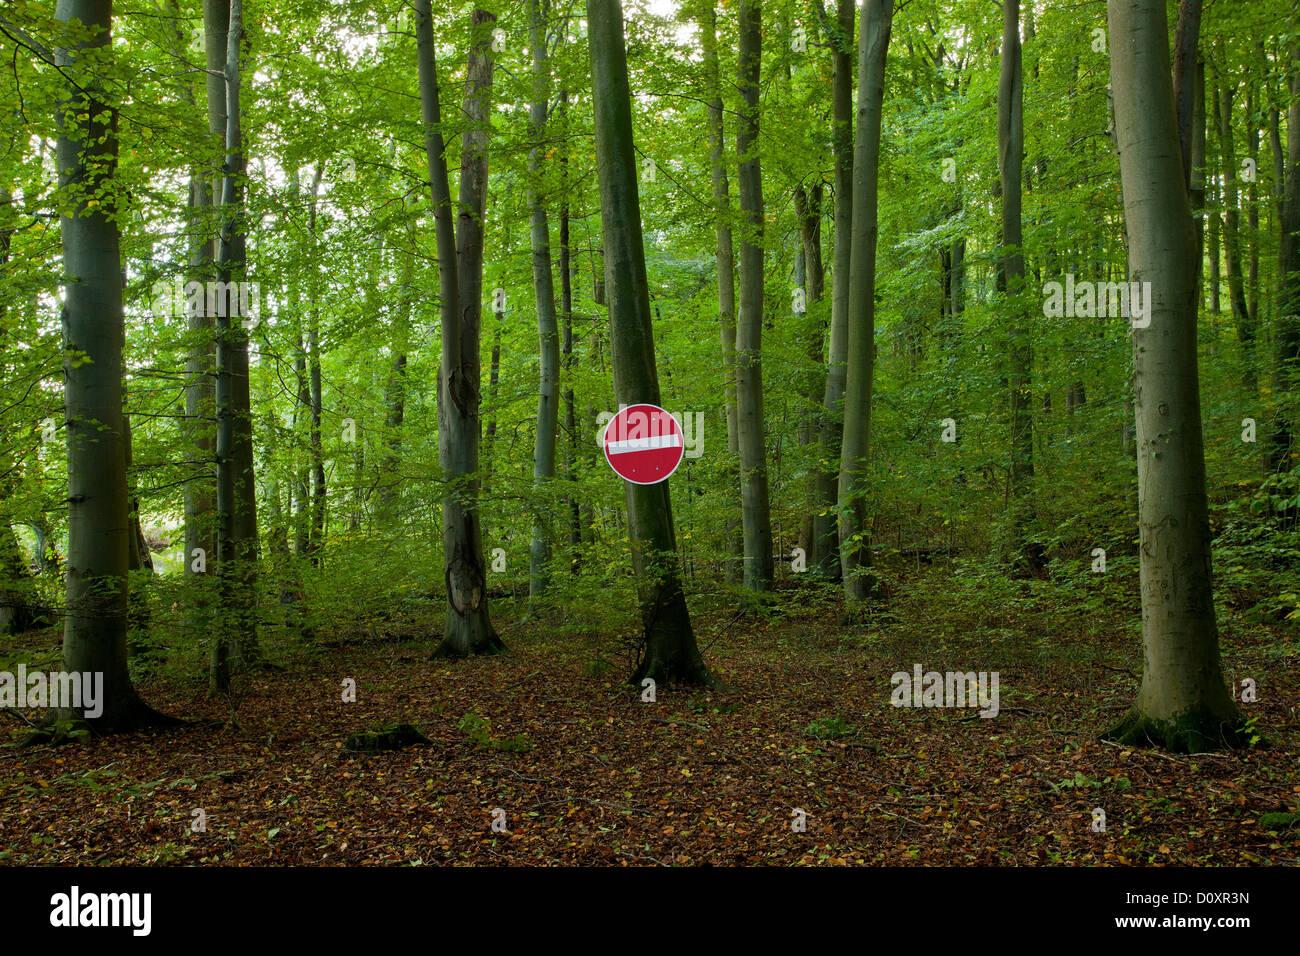 Kein Eintrag Zeichen in einem Wald Stockbild